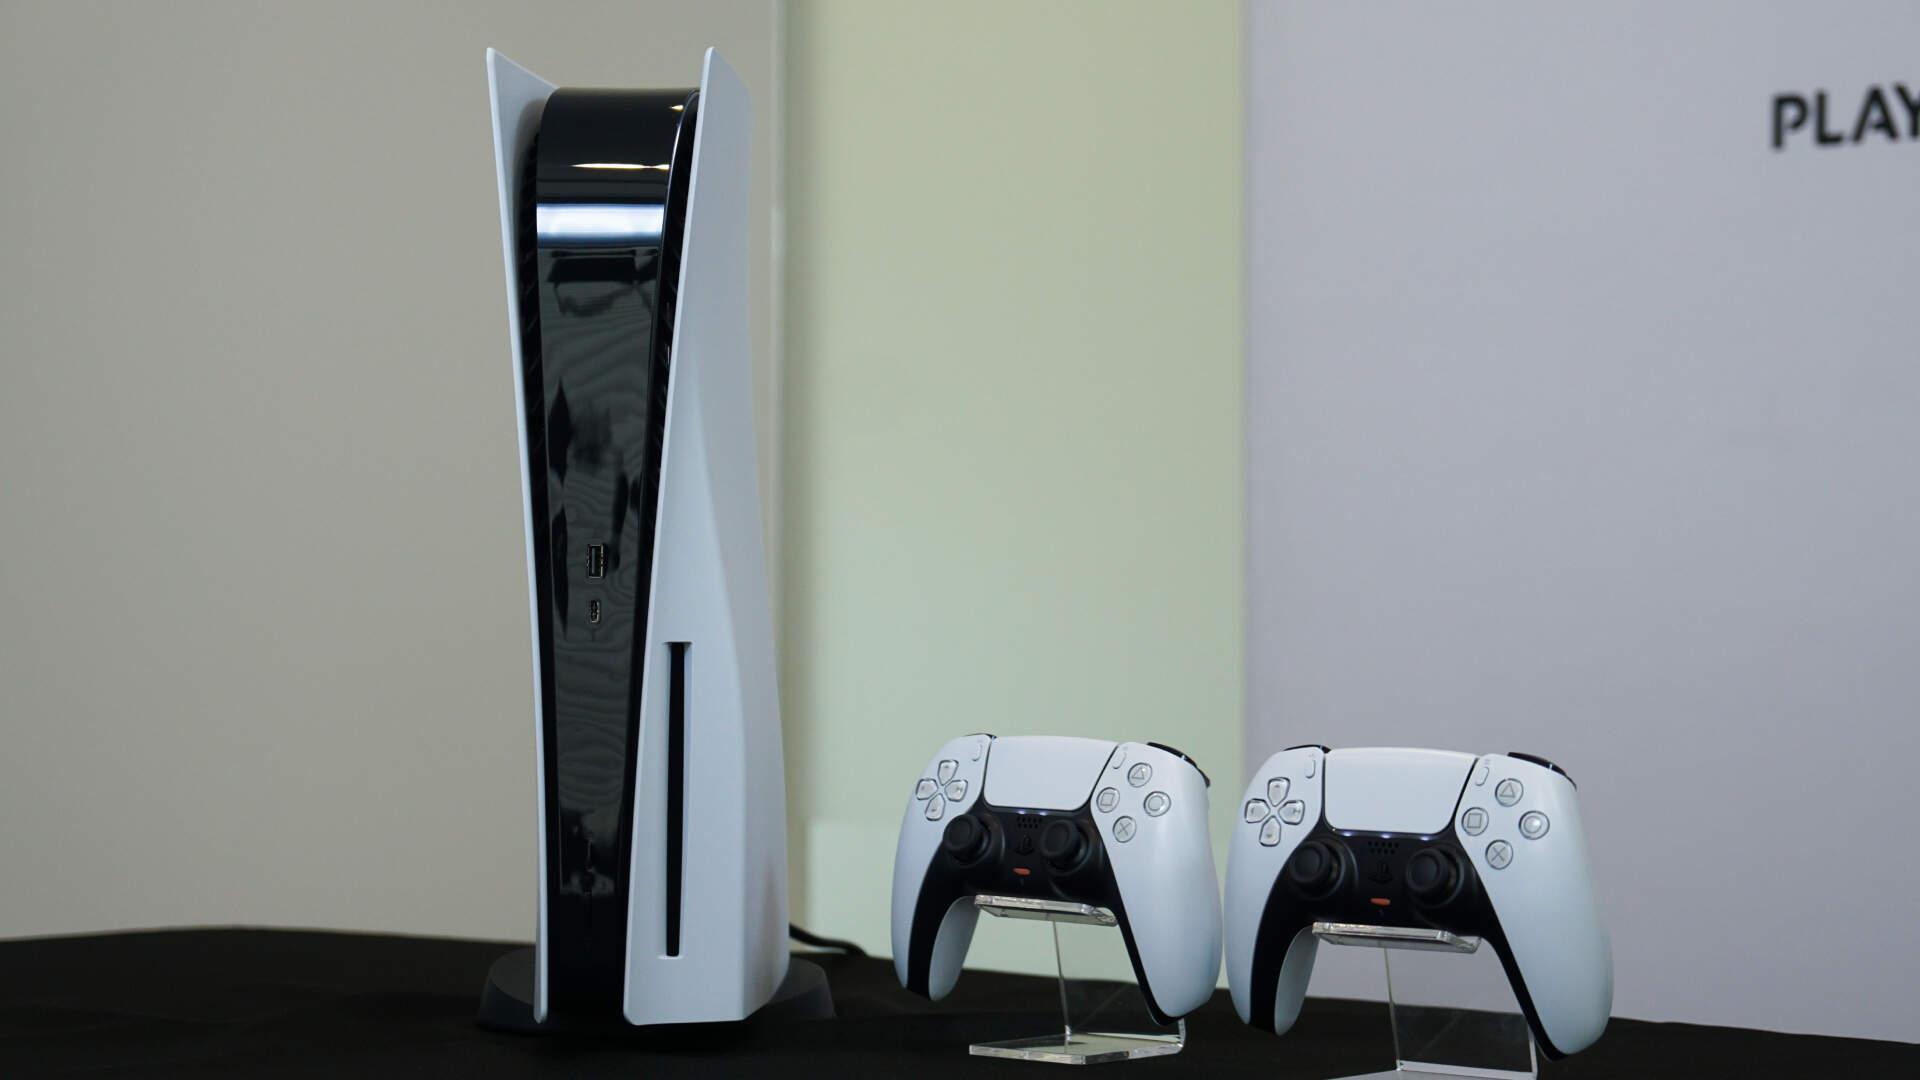 与次世代的第一次亲密接触——PS5 抢先上手体验